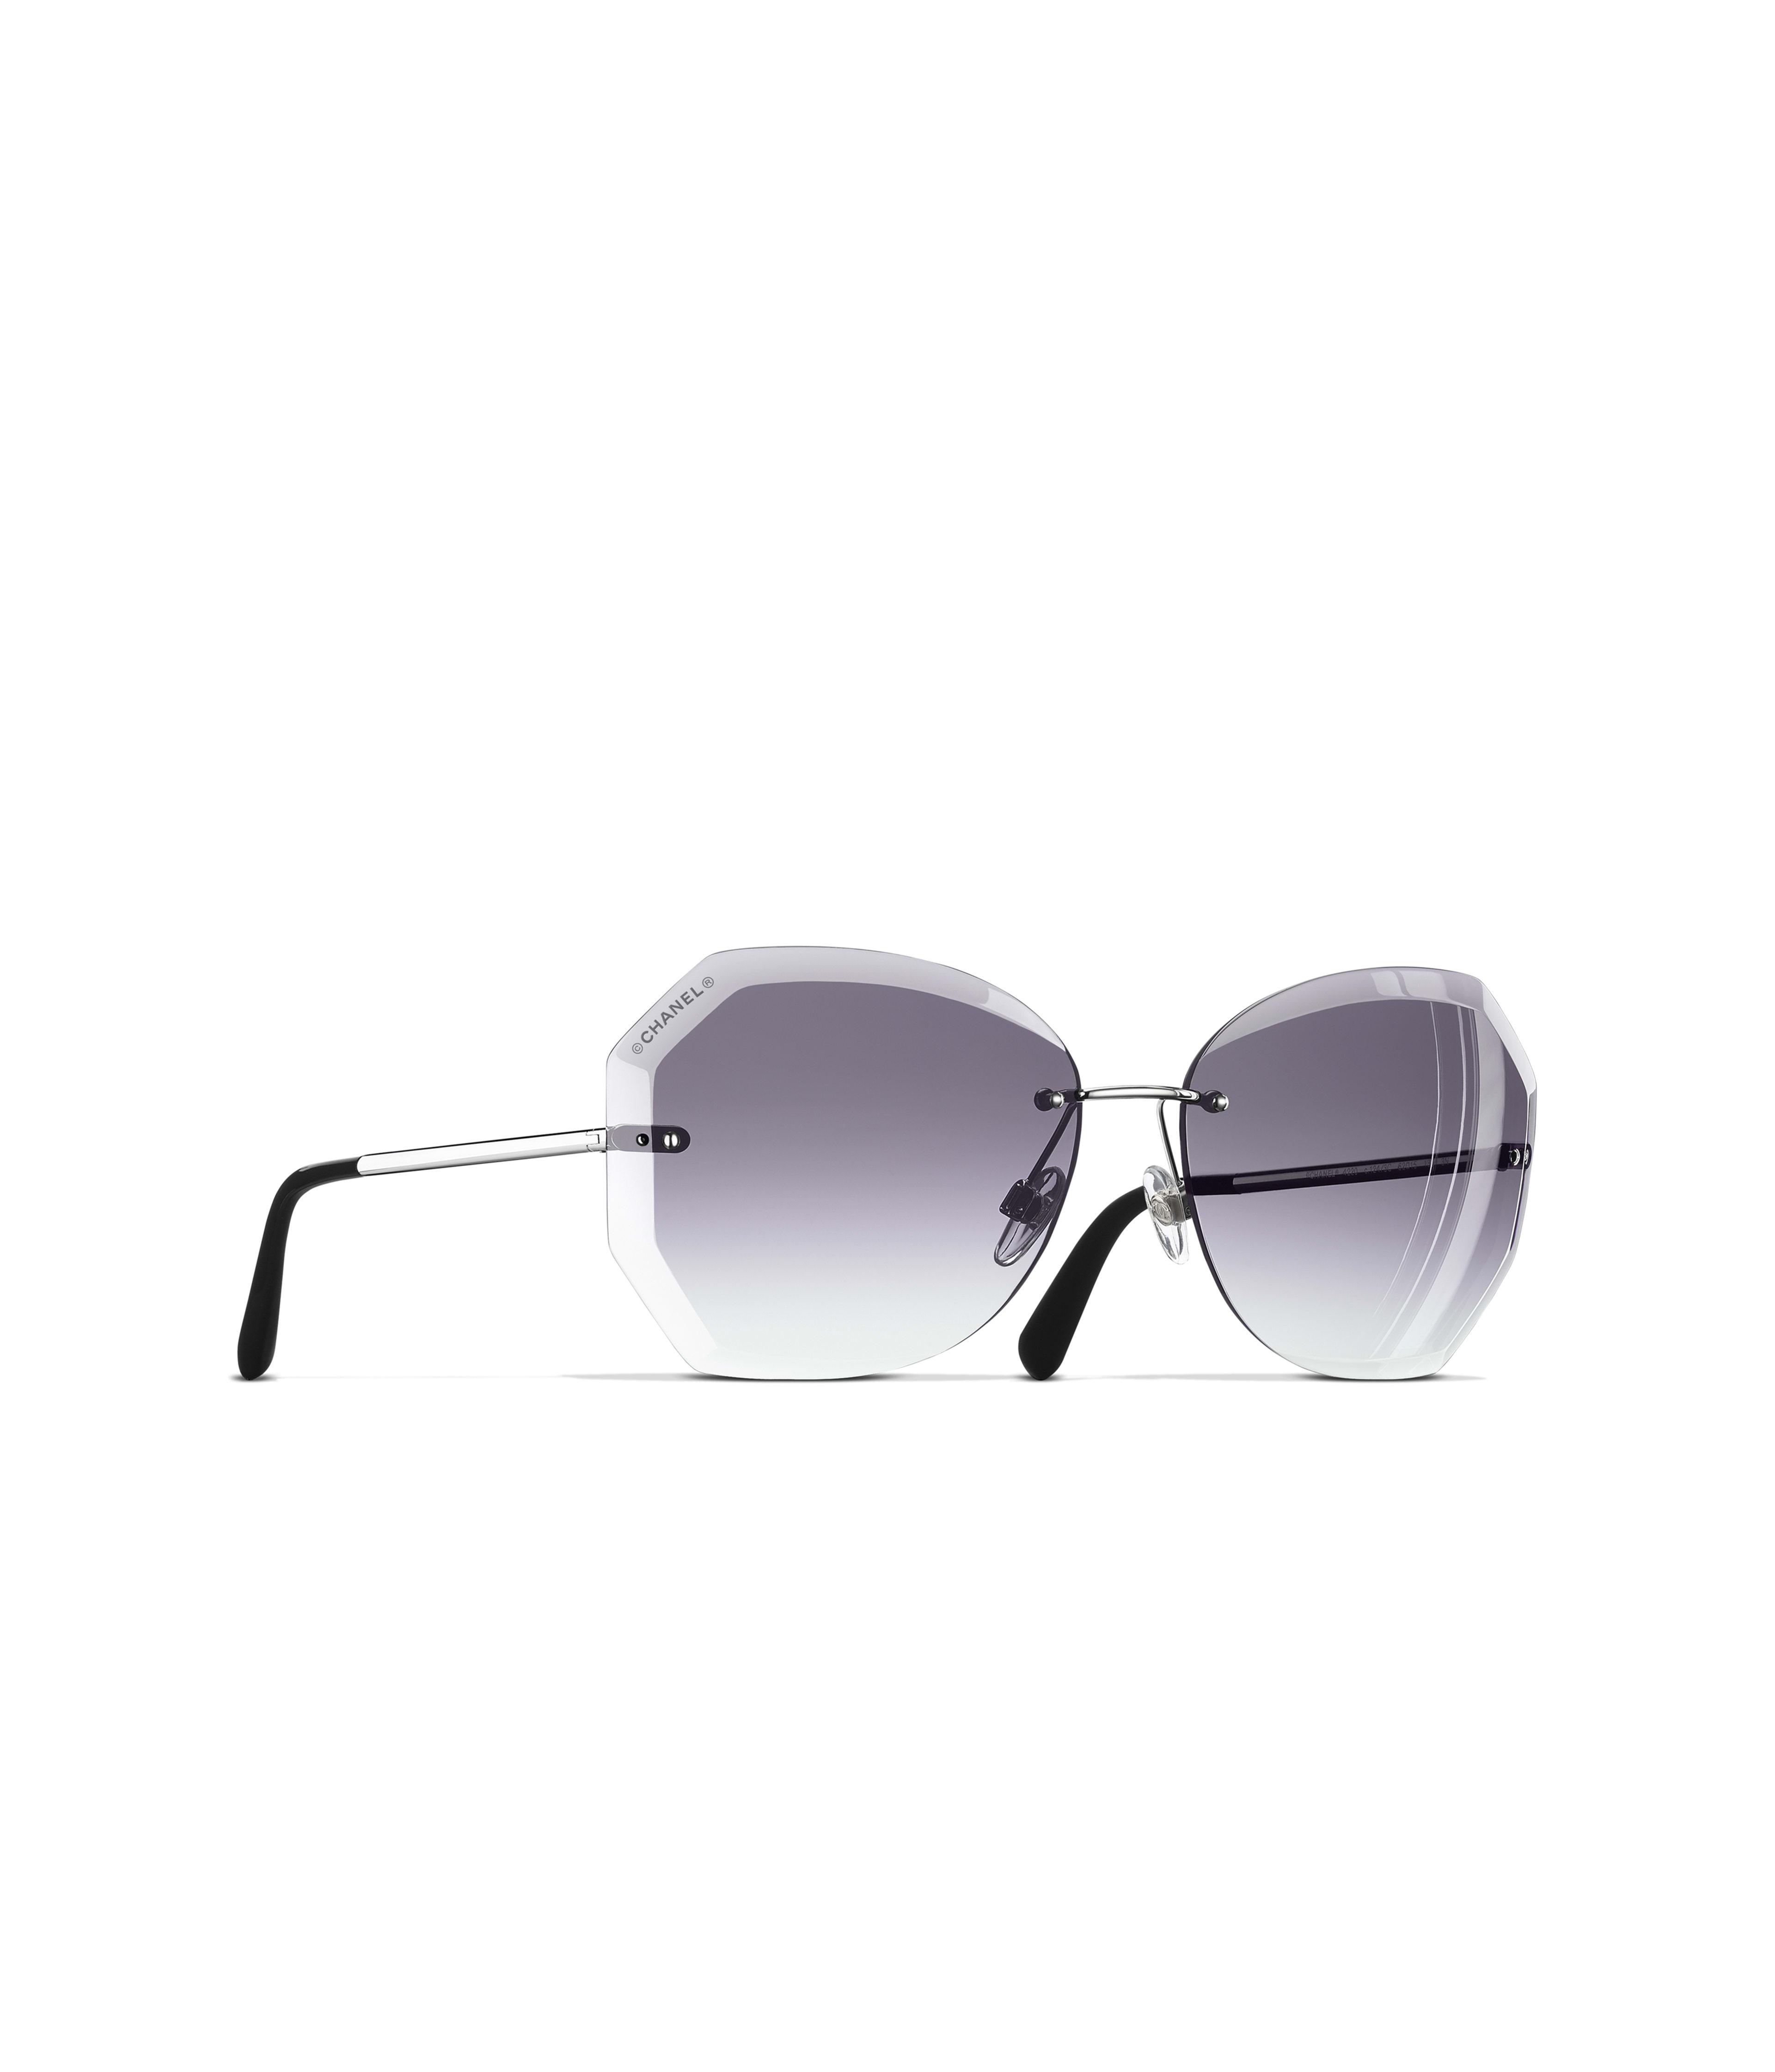 fd05eea1c7d Round Sunglasses Ref. 4220 C124 3C